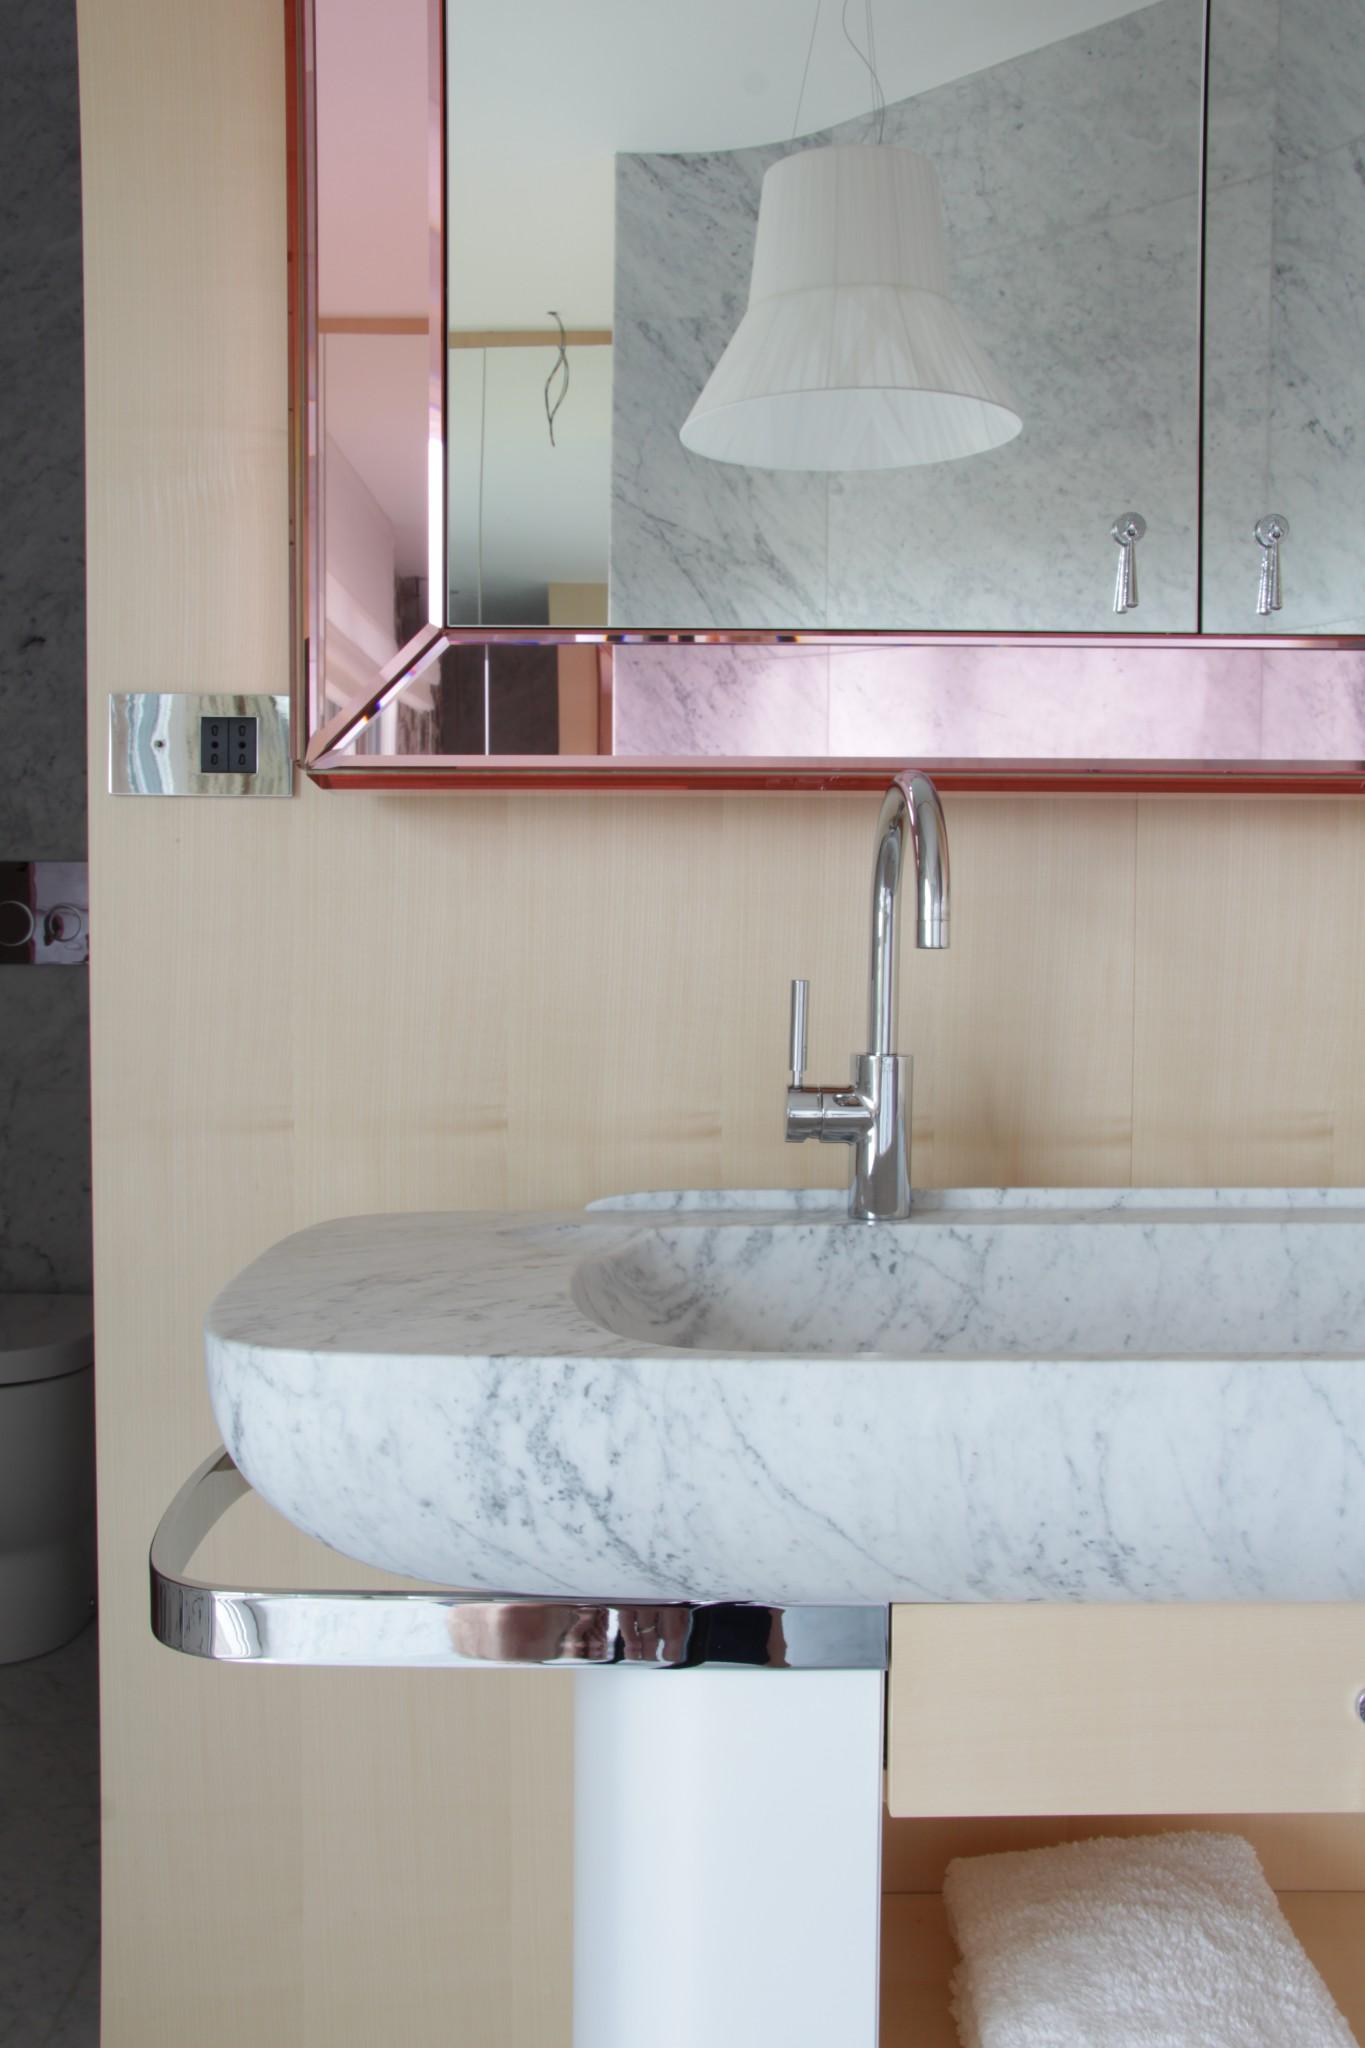 Lavabo in casa privata realizzato con marmi della Valmalenco